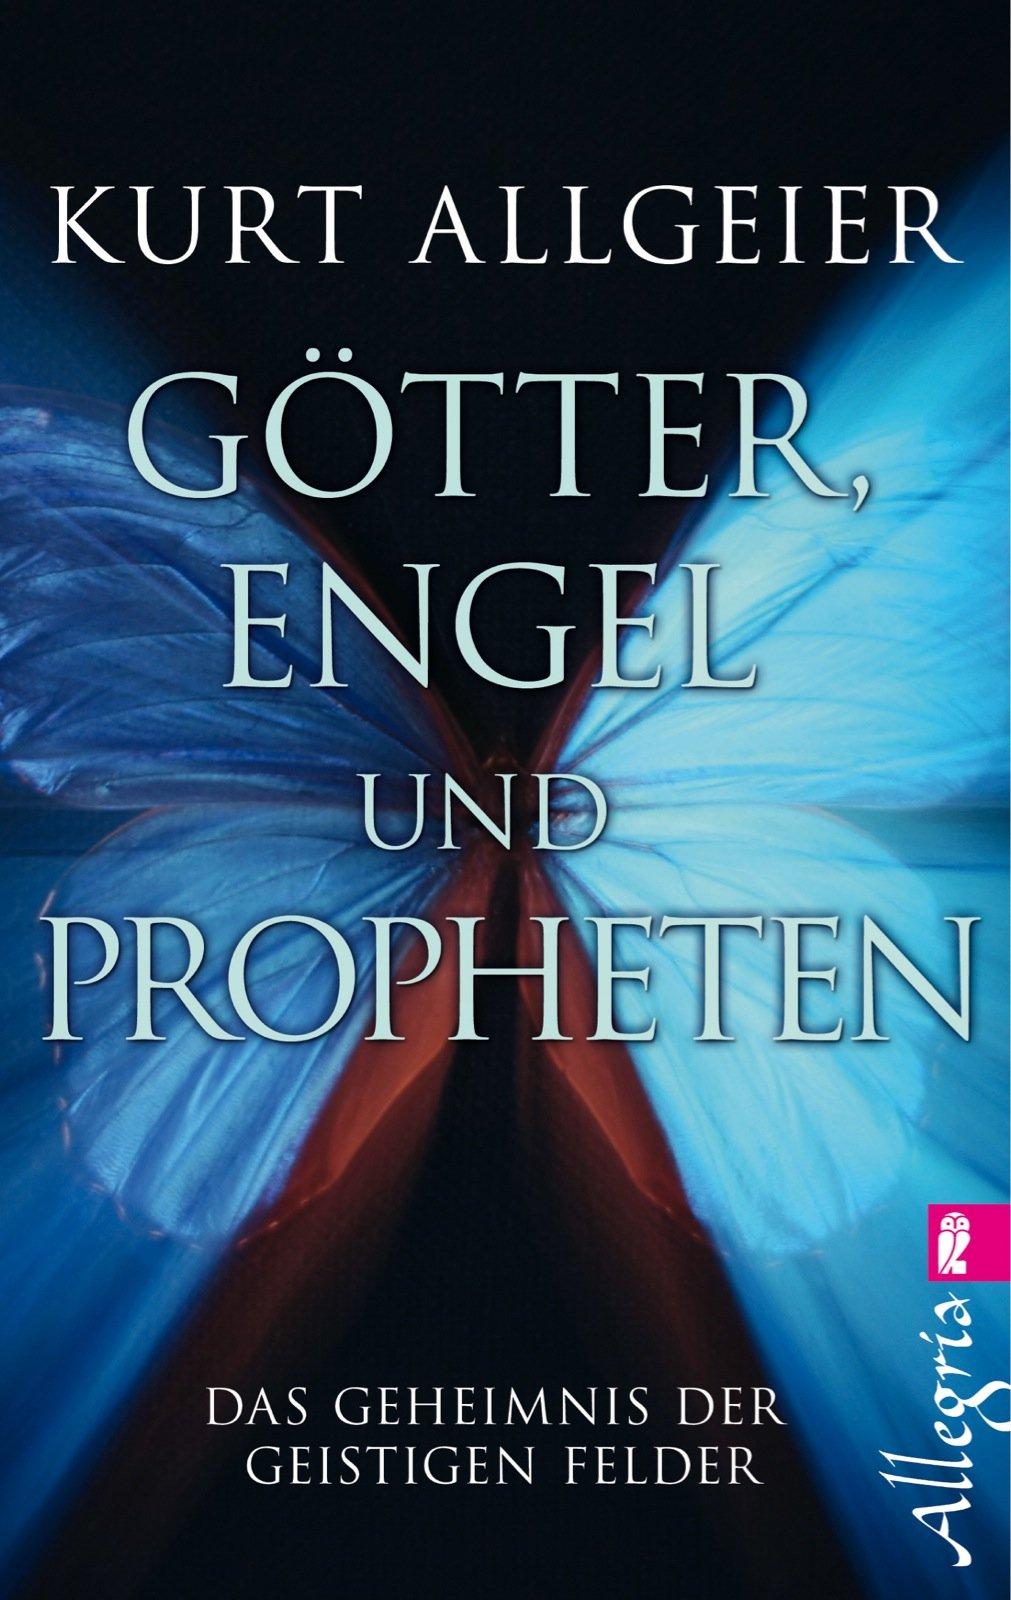 gtter-engel-und-propheten-das-geheimnis-der-geistigen-felder